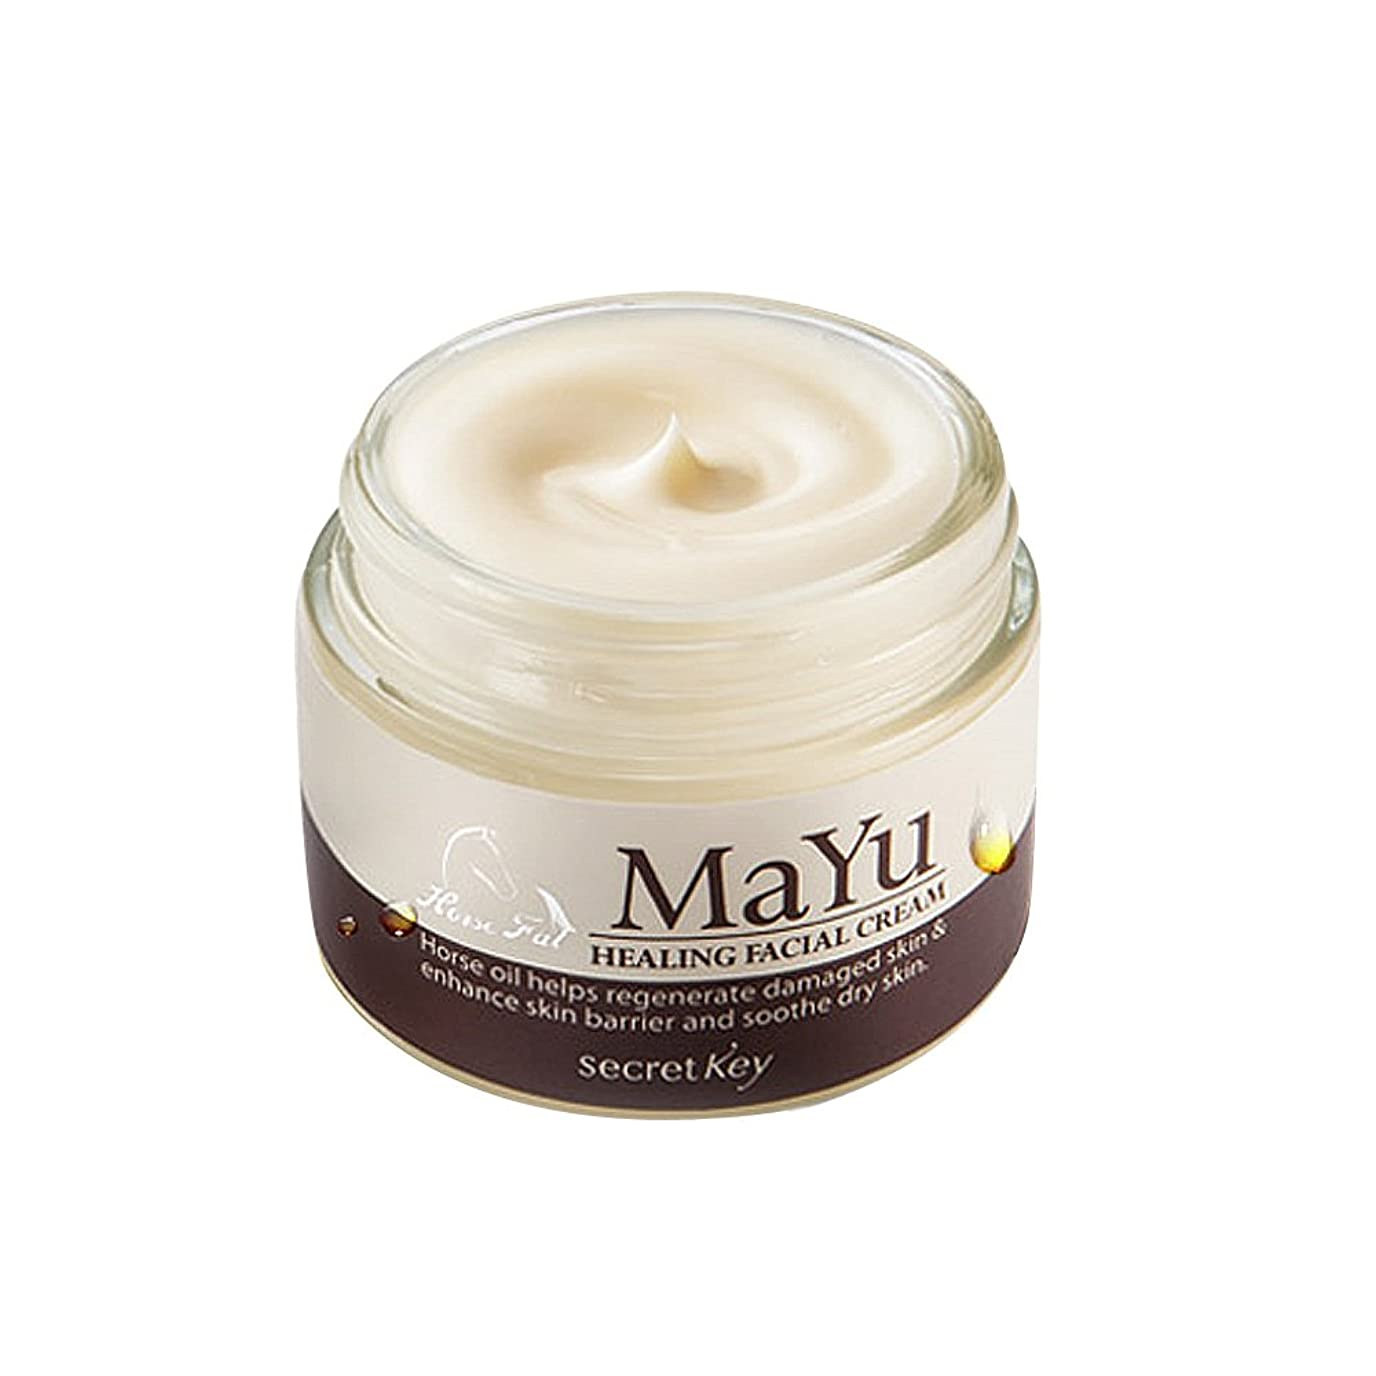 ヘリコプター詩人神[シークレットキー]Secretkey 馬油ヒーリングフェイシャルクリーム70g 海外直送品 Mayu Healing Facial Cream 70g